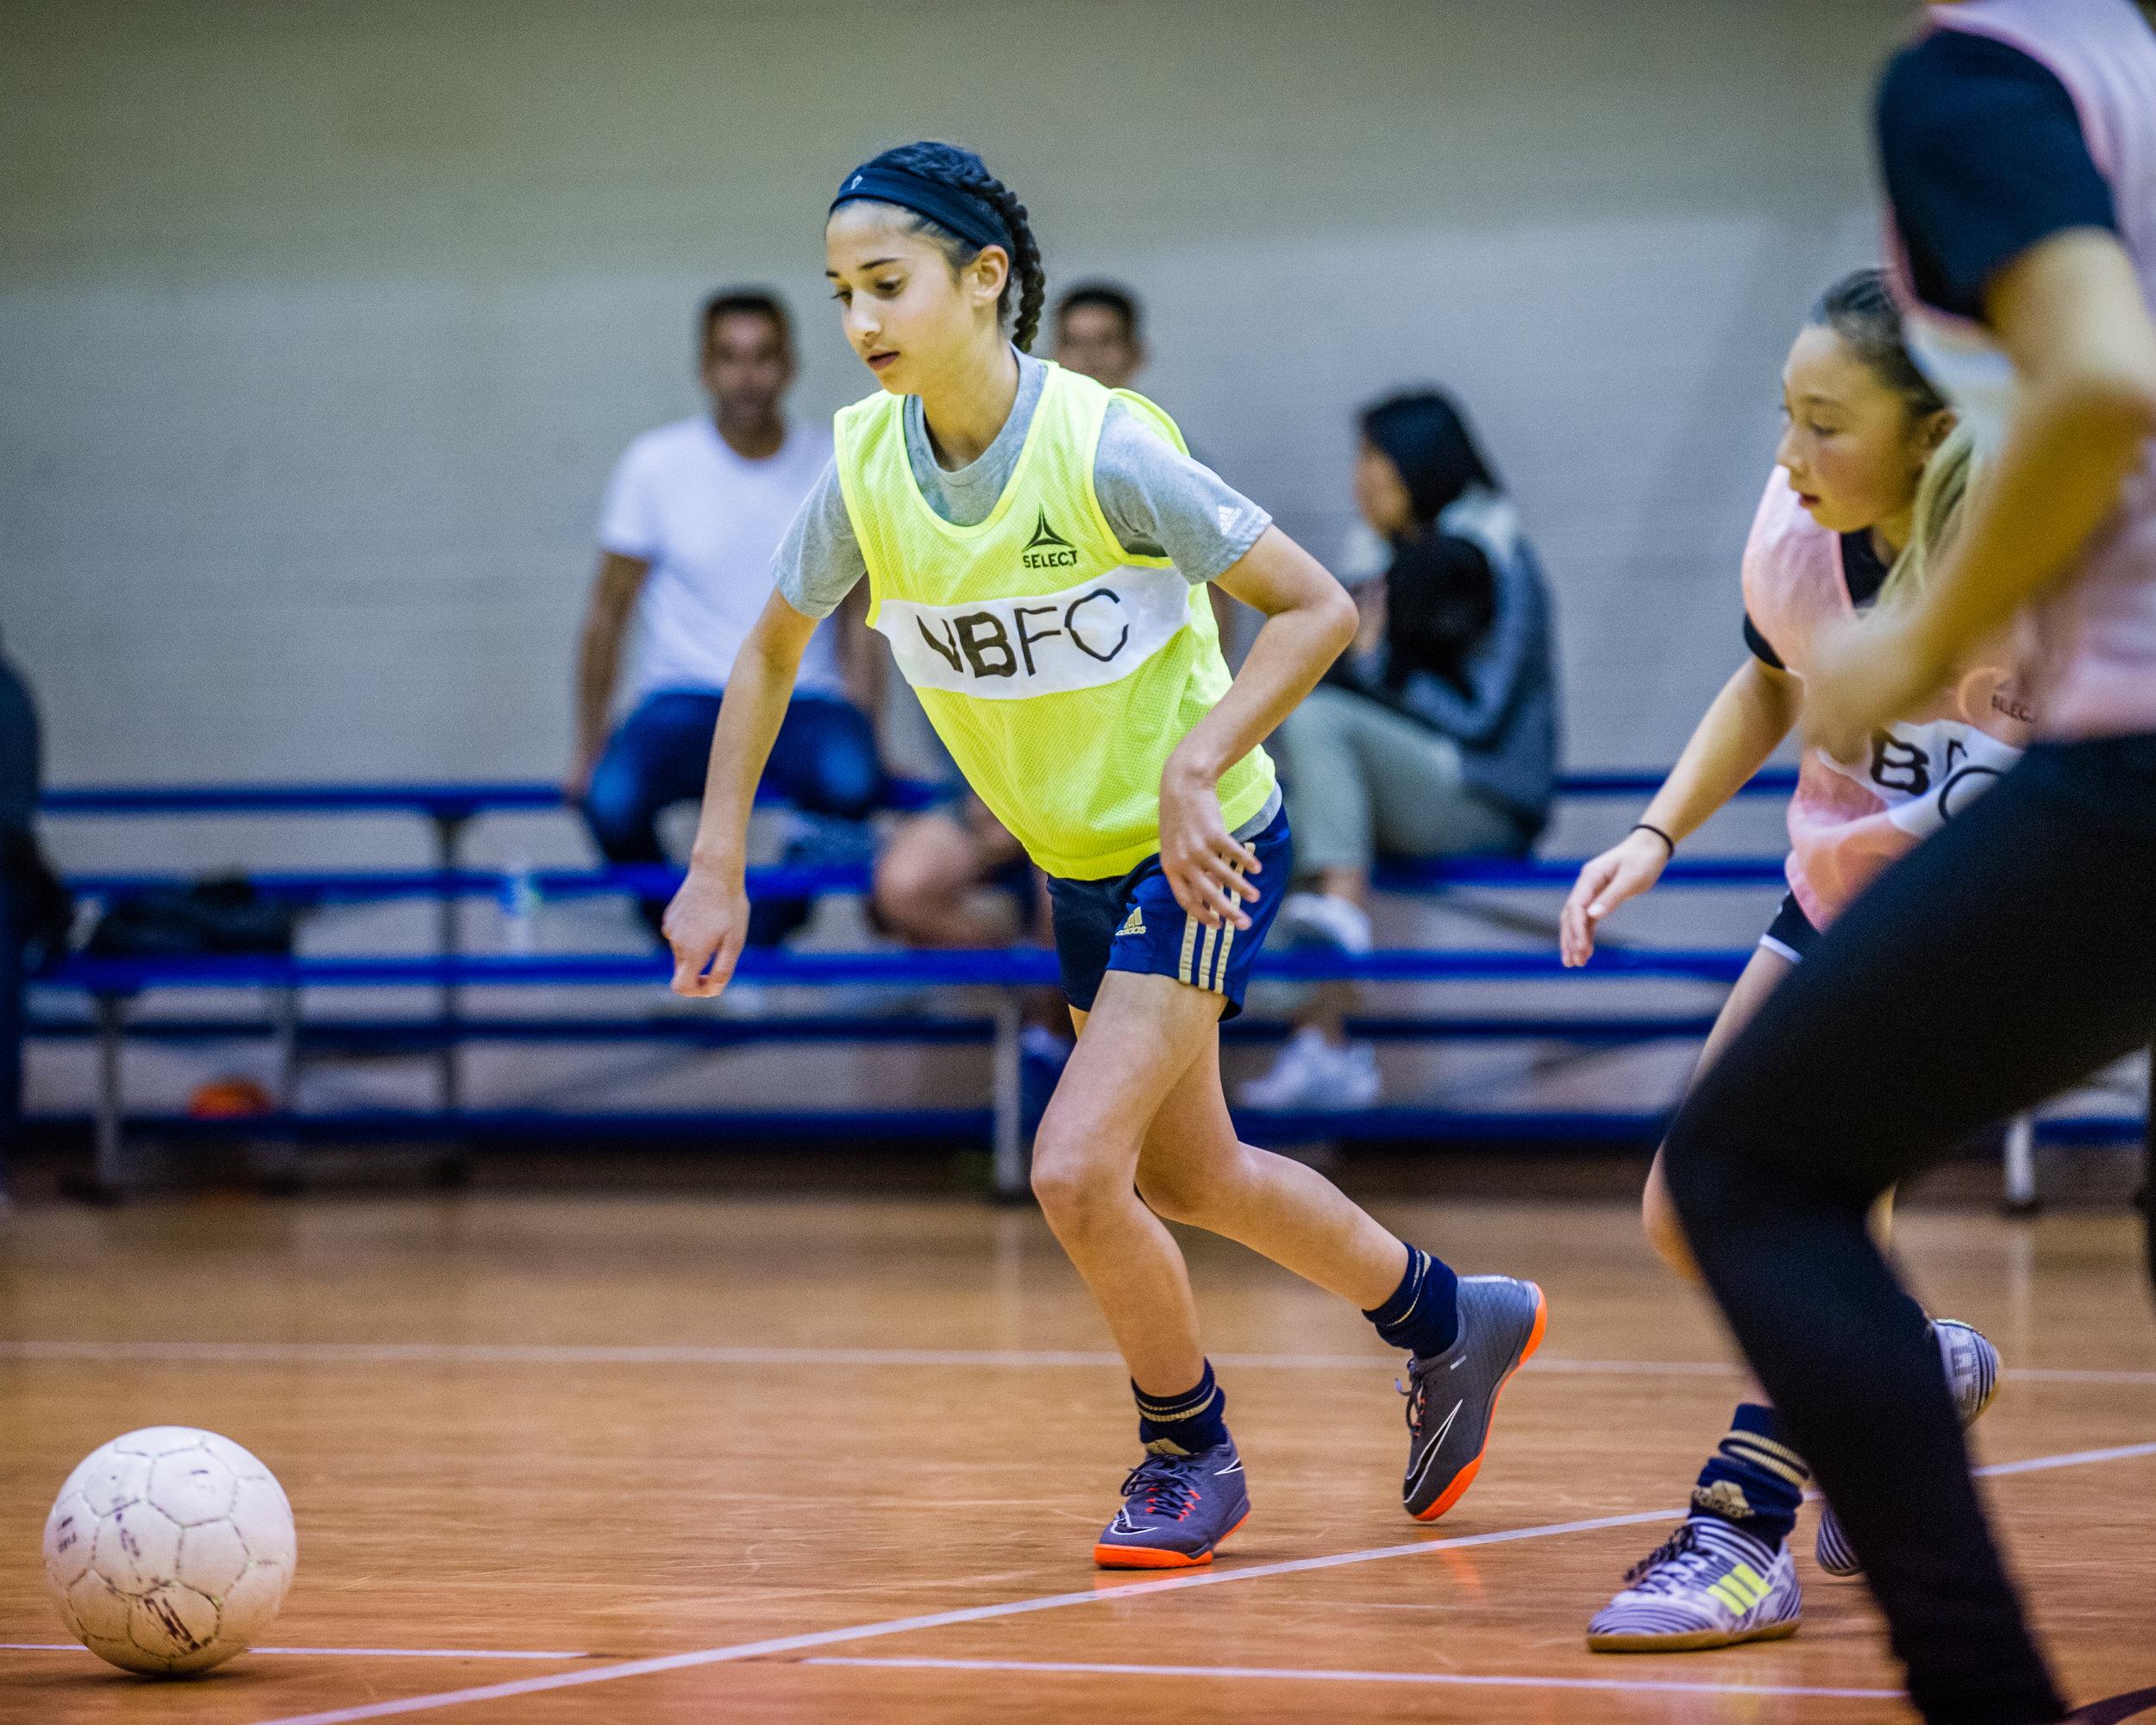 futsal club session one - Girls futsal talent